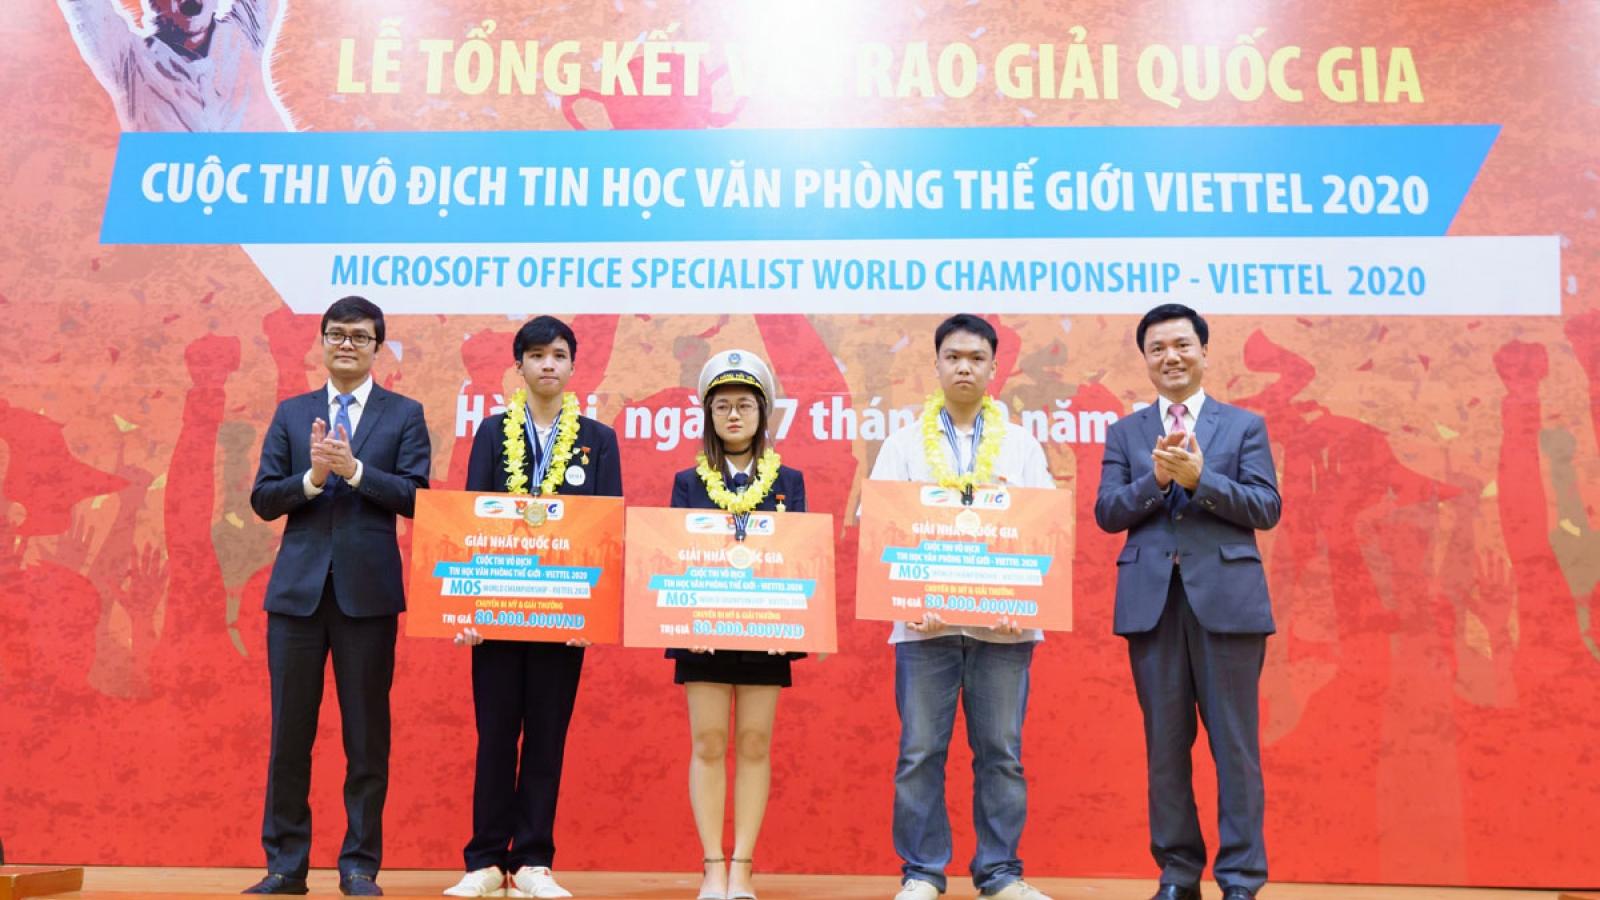 Trao giải thưởng cho 3 nhà vô địch quốc gia Cuộc thi Vô địch Tin học văn phòng Thế giới